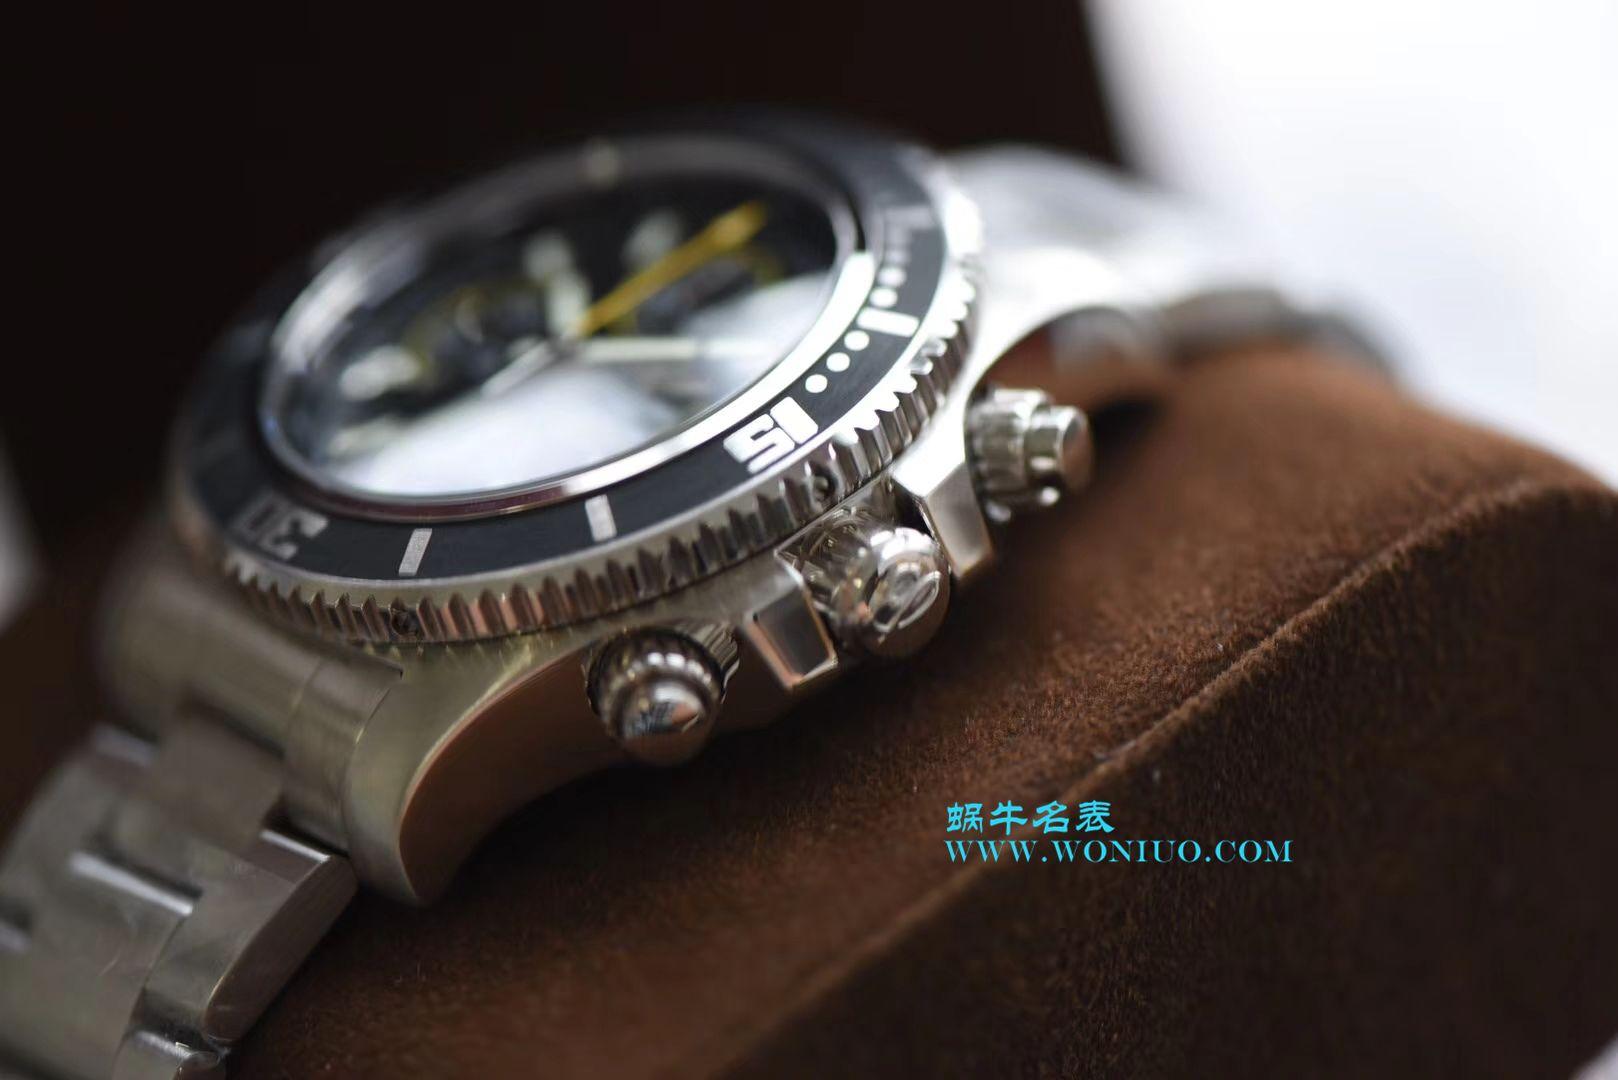 【原单正品】百年灵超级海洋系列A13341X9|BA81|163A腕表、A1334102/BA82、A1334102/BA83/227X/A20BASA.1原单手表 / BL090